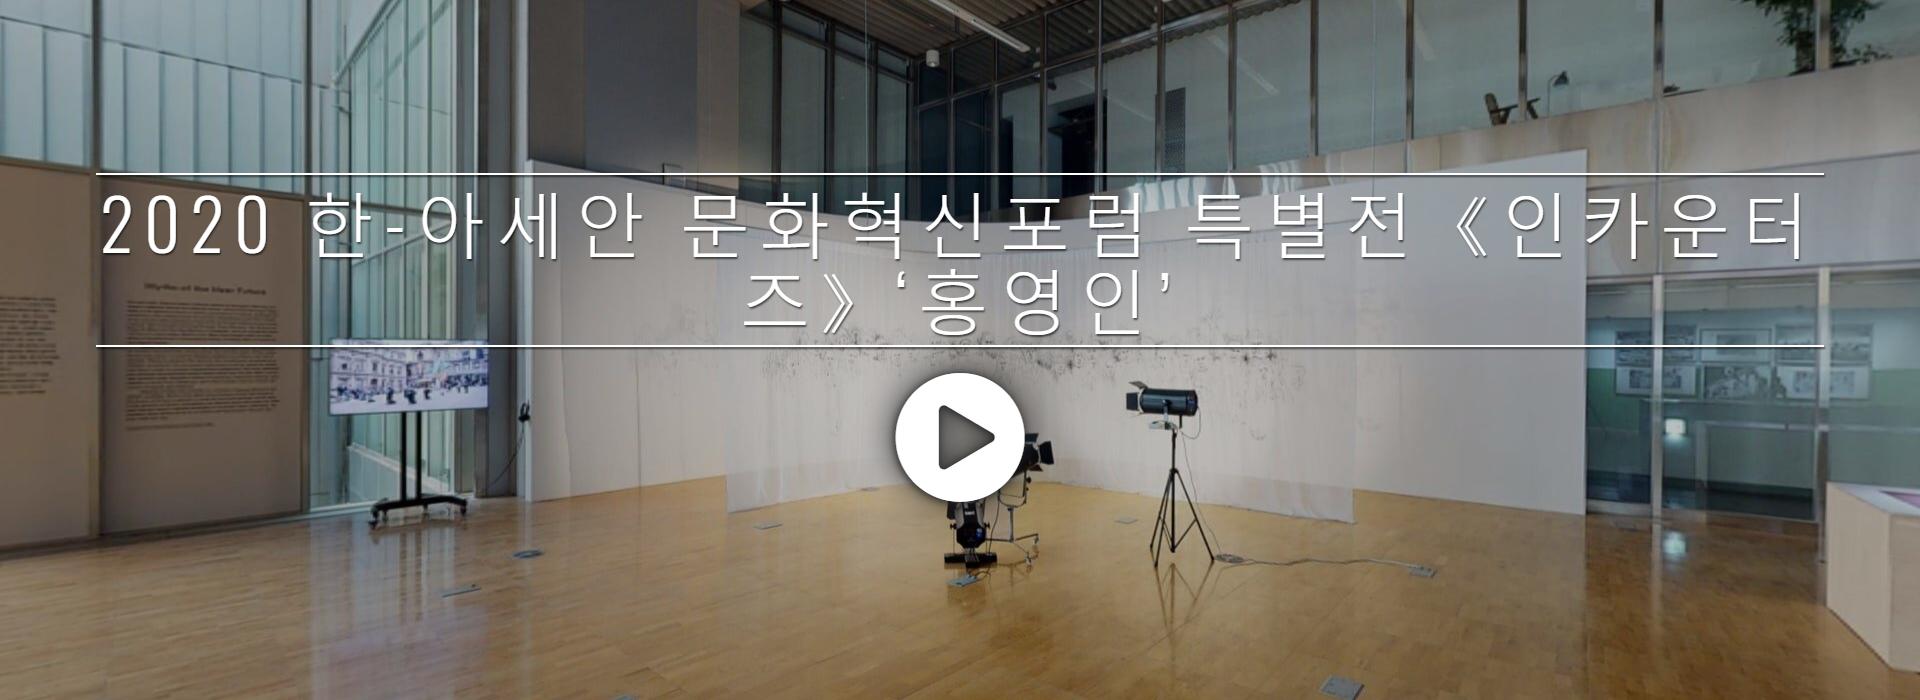 2020 한-아세안 문화혁신포럼 특별전 《인카운터즈》 '홍영인' 온라인 전시 3D VR